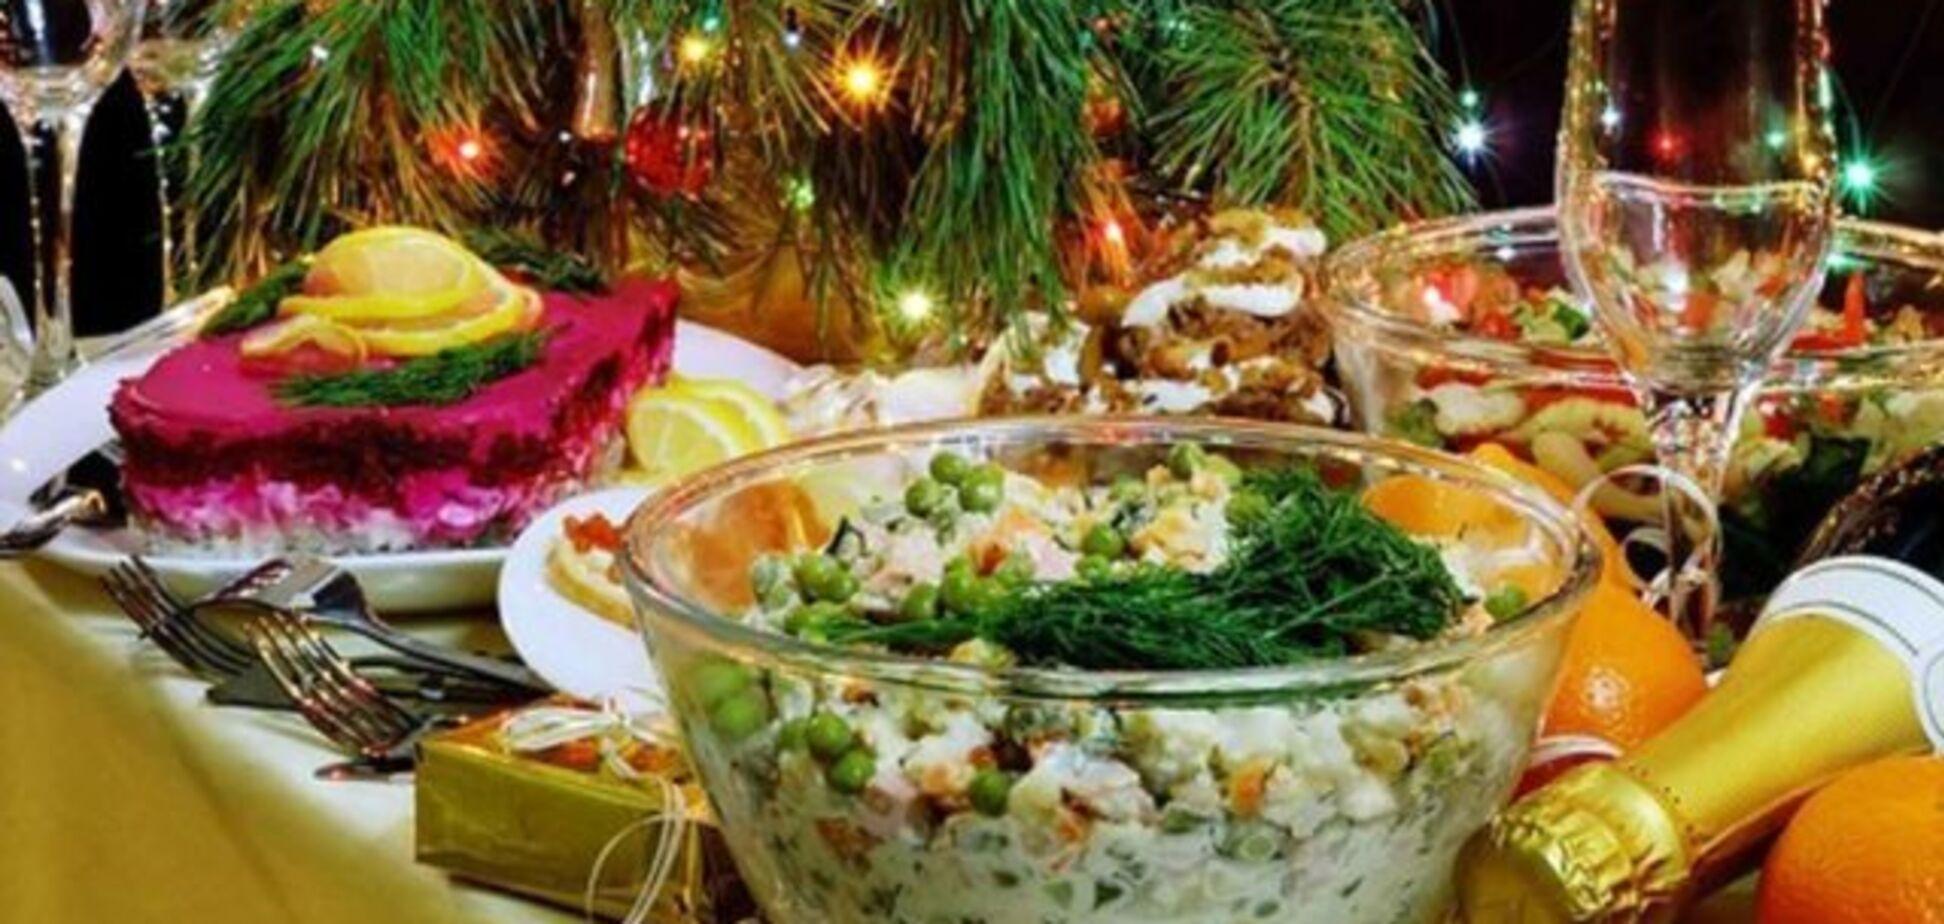 Старые блюда по-новому: кулинар предложил уникальные рецепты на Новый год